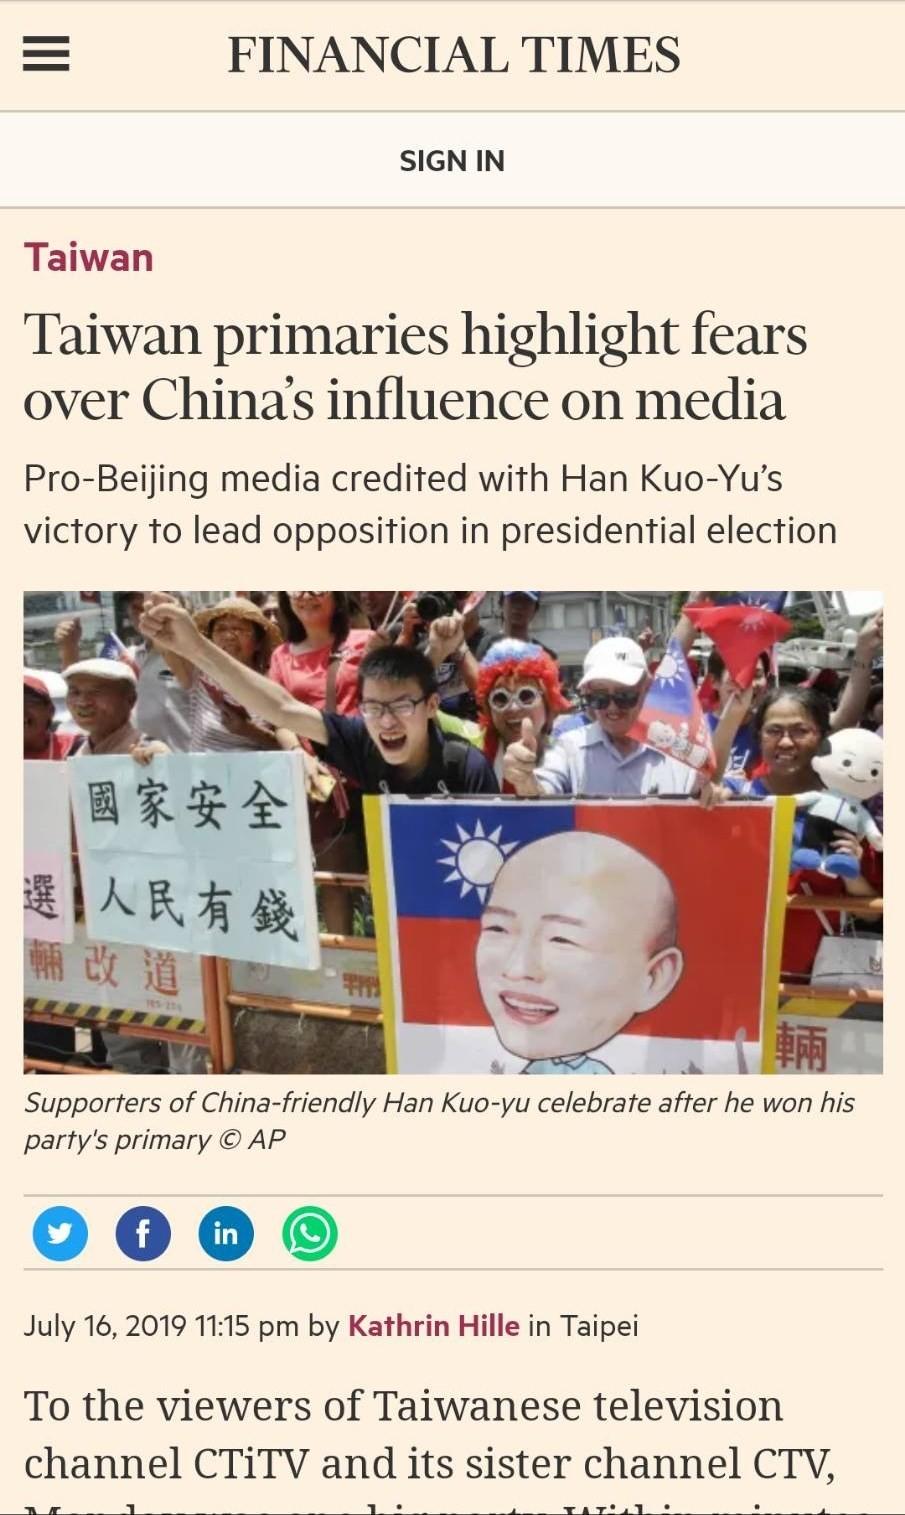 英國金融時報16日報導,中國國台辦直接控制旺中集團旗下媒體,吹捧特定參選人。中國國台辦17日透過新聞稿回應,稱有關報導內容是「無中生有」。